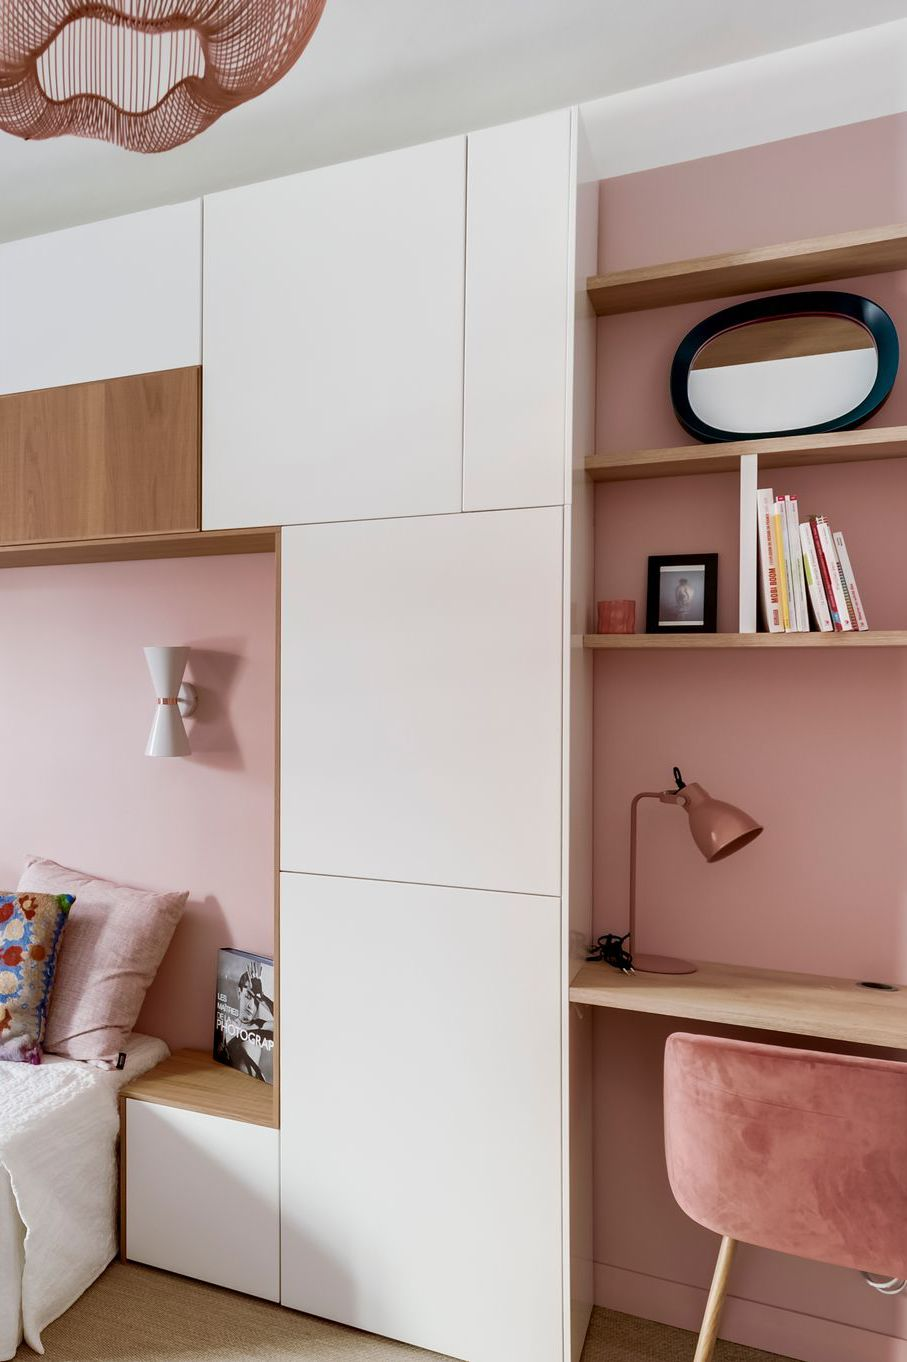 Решението е да използвает естествените извивки на стаята и там да наместите плот и етажерки по размер. Другият вариант е с готови мебели, които съчетават няколко функции в една.